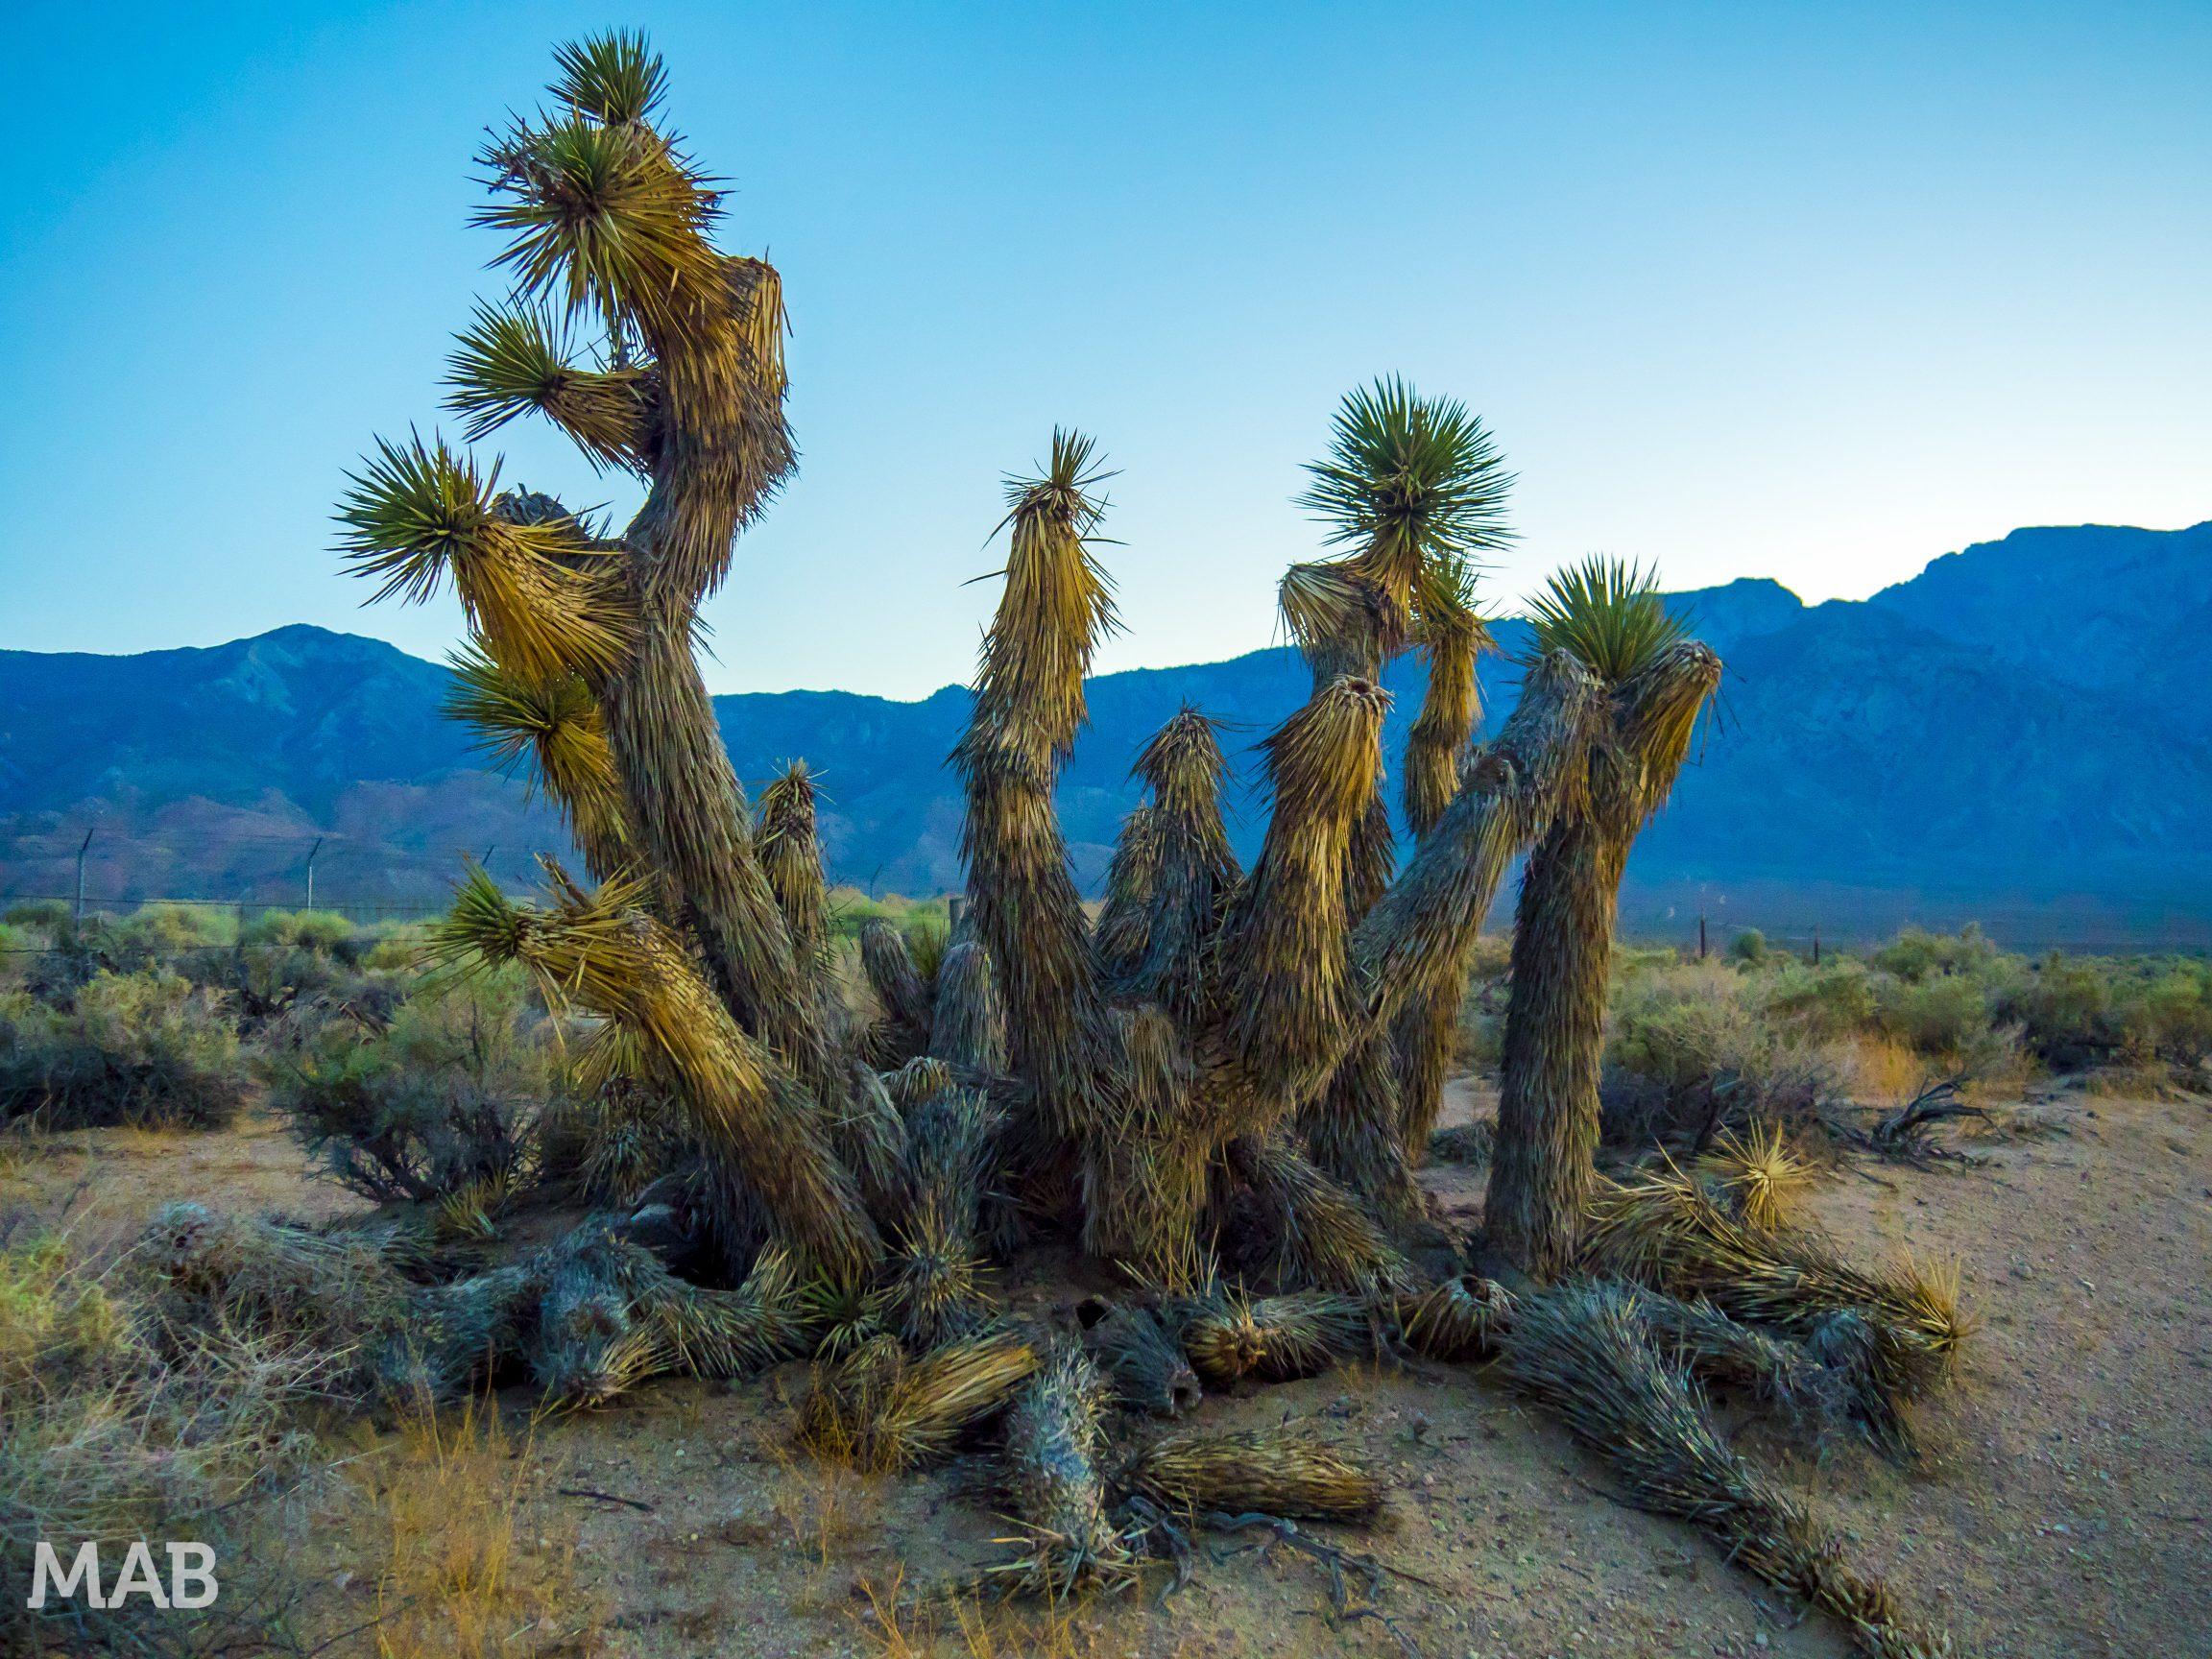 Cactus in Olancha